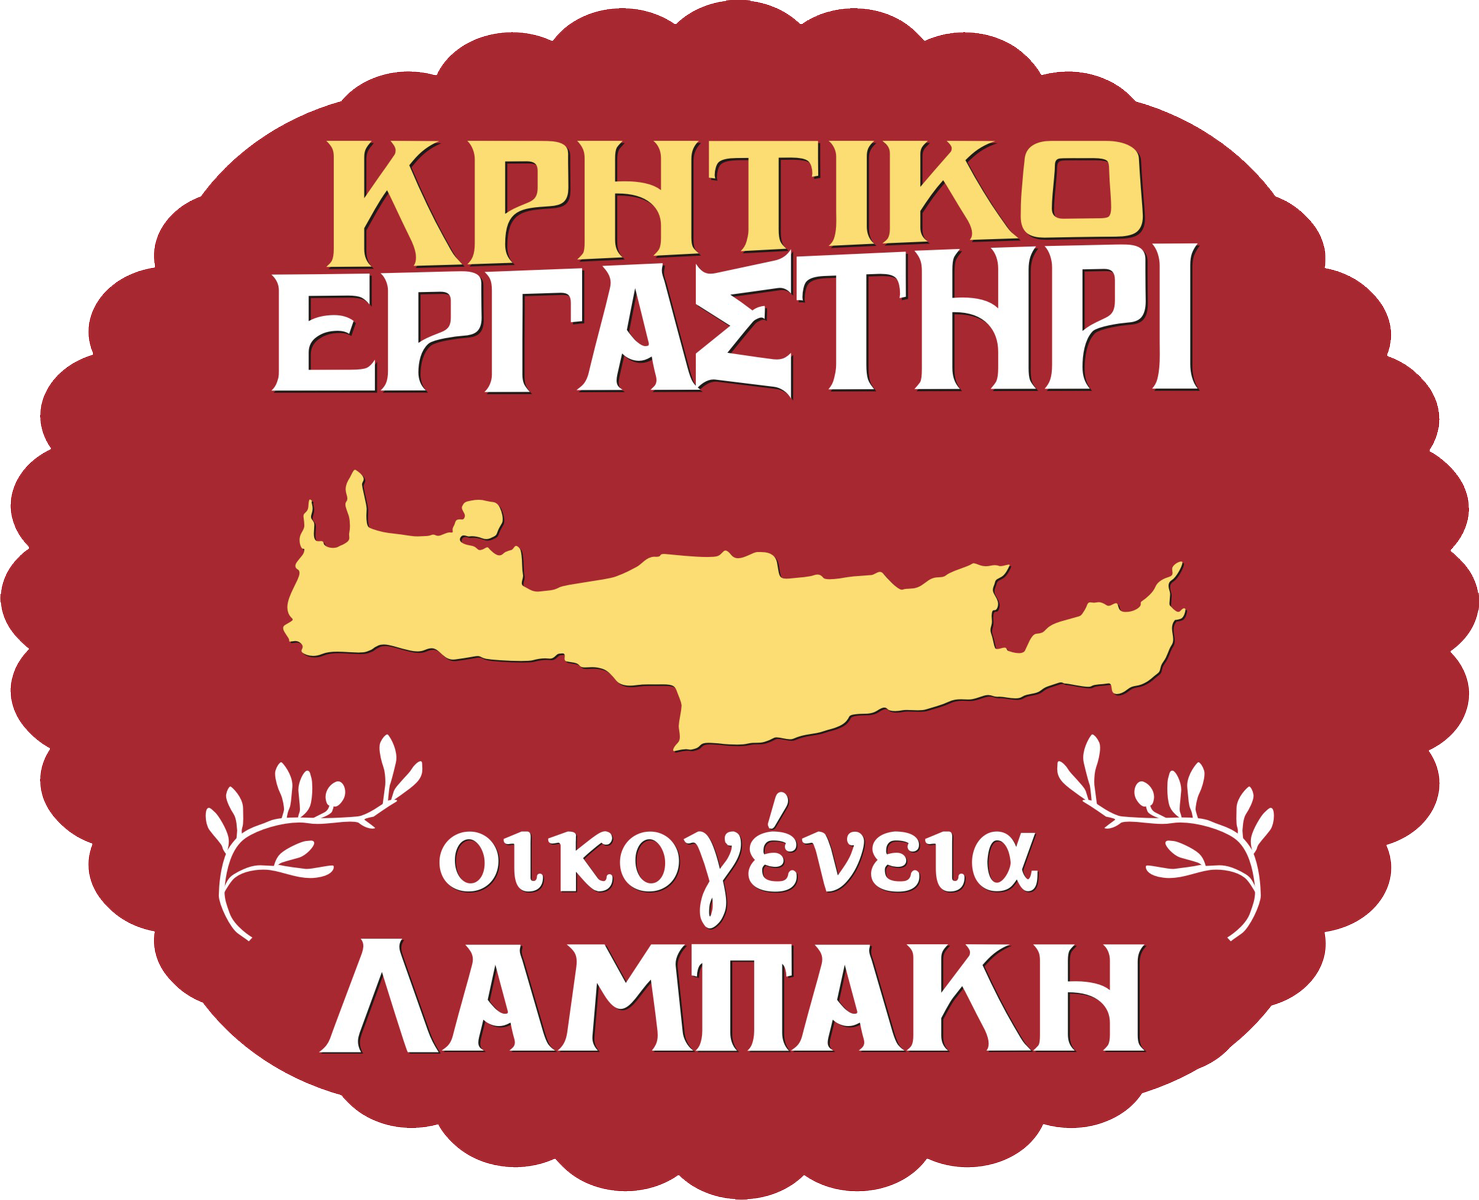 Κριτηκο εργαστηρι οικογενεια λαμπακη Logo